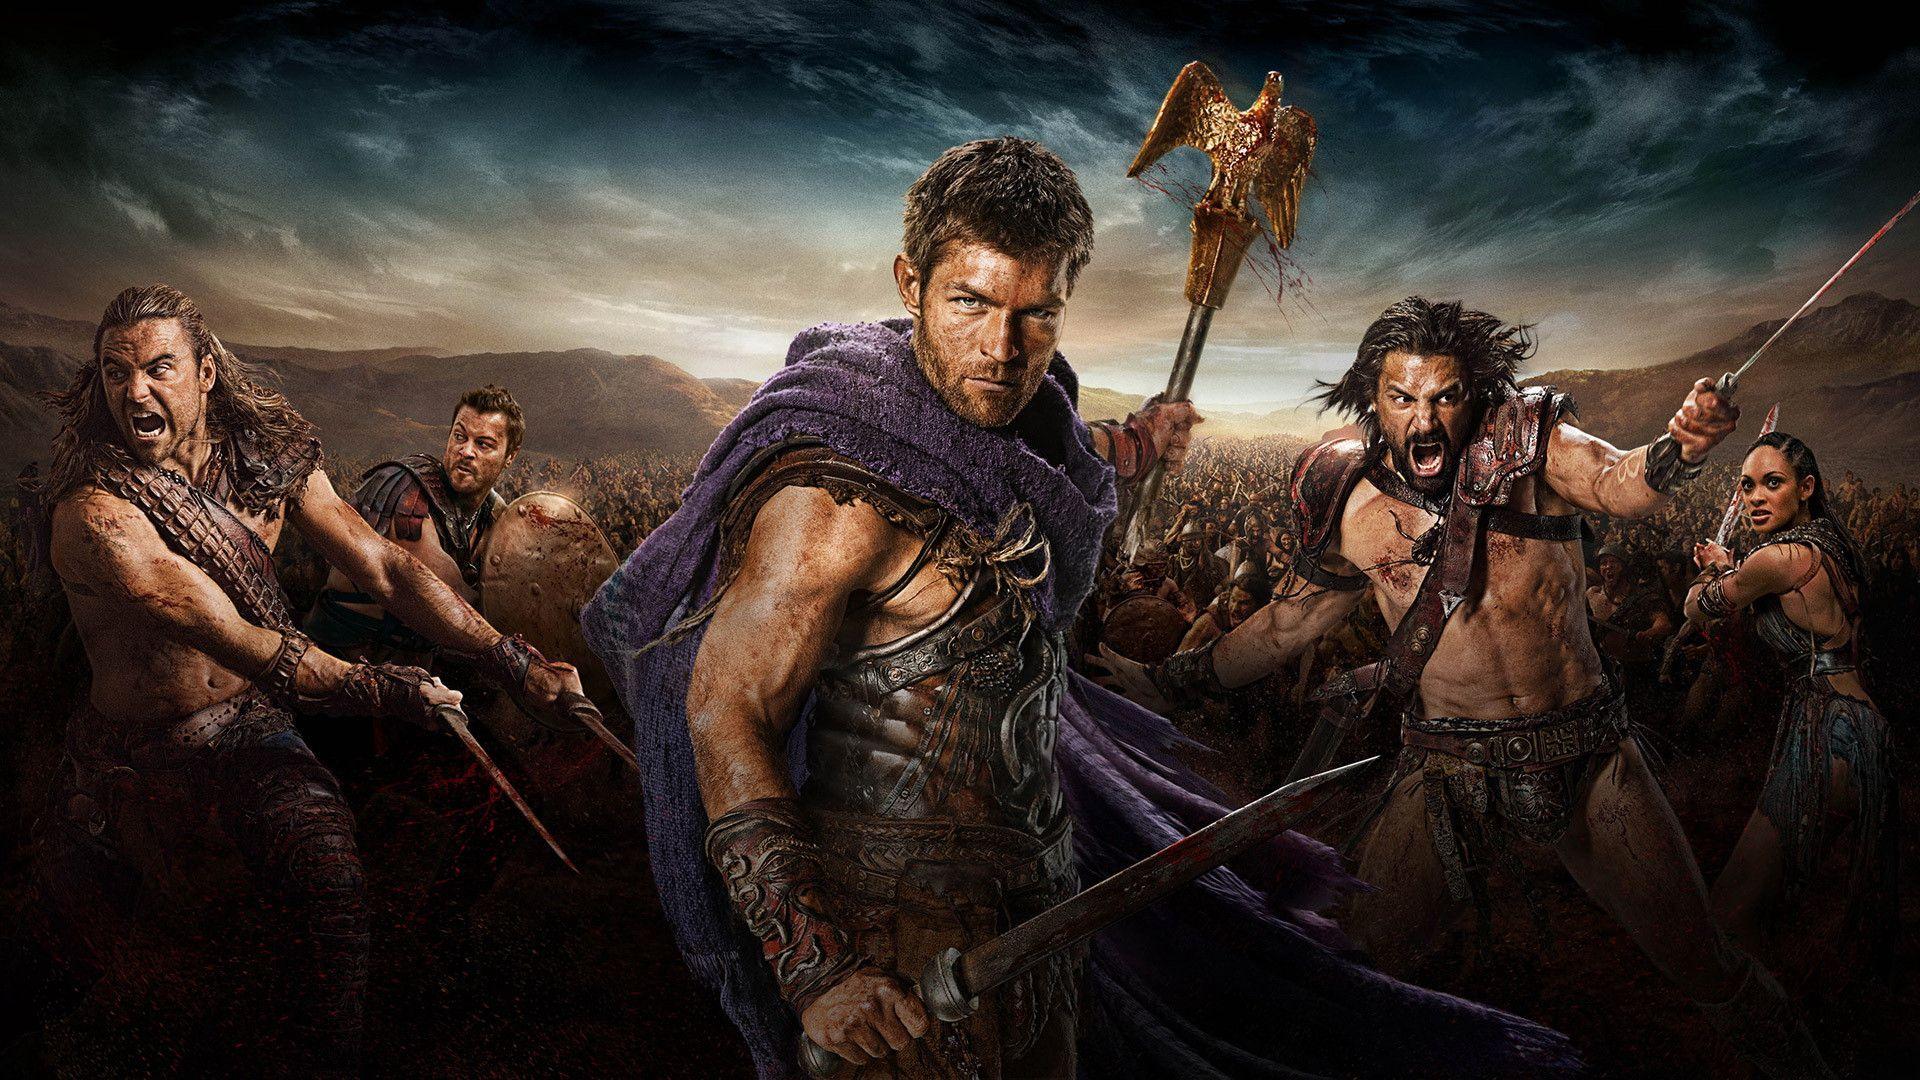 Скачать обои крикса из сериалам спартак боги арены 4